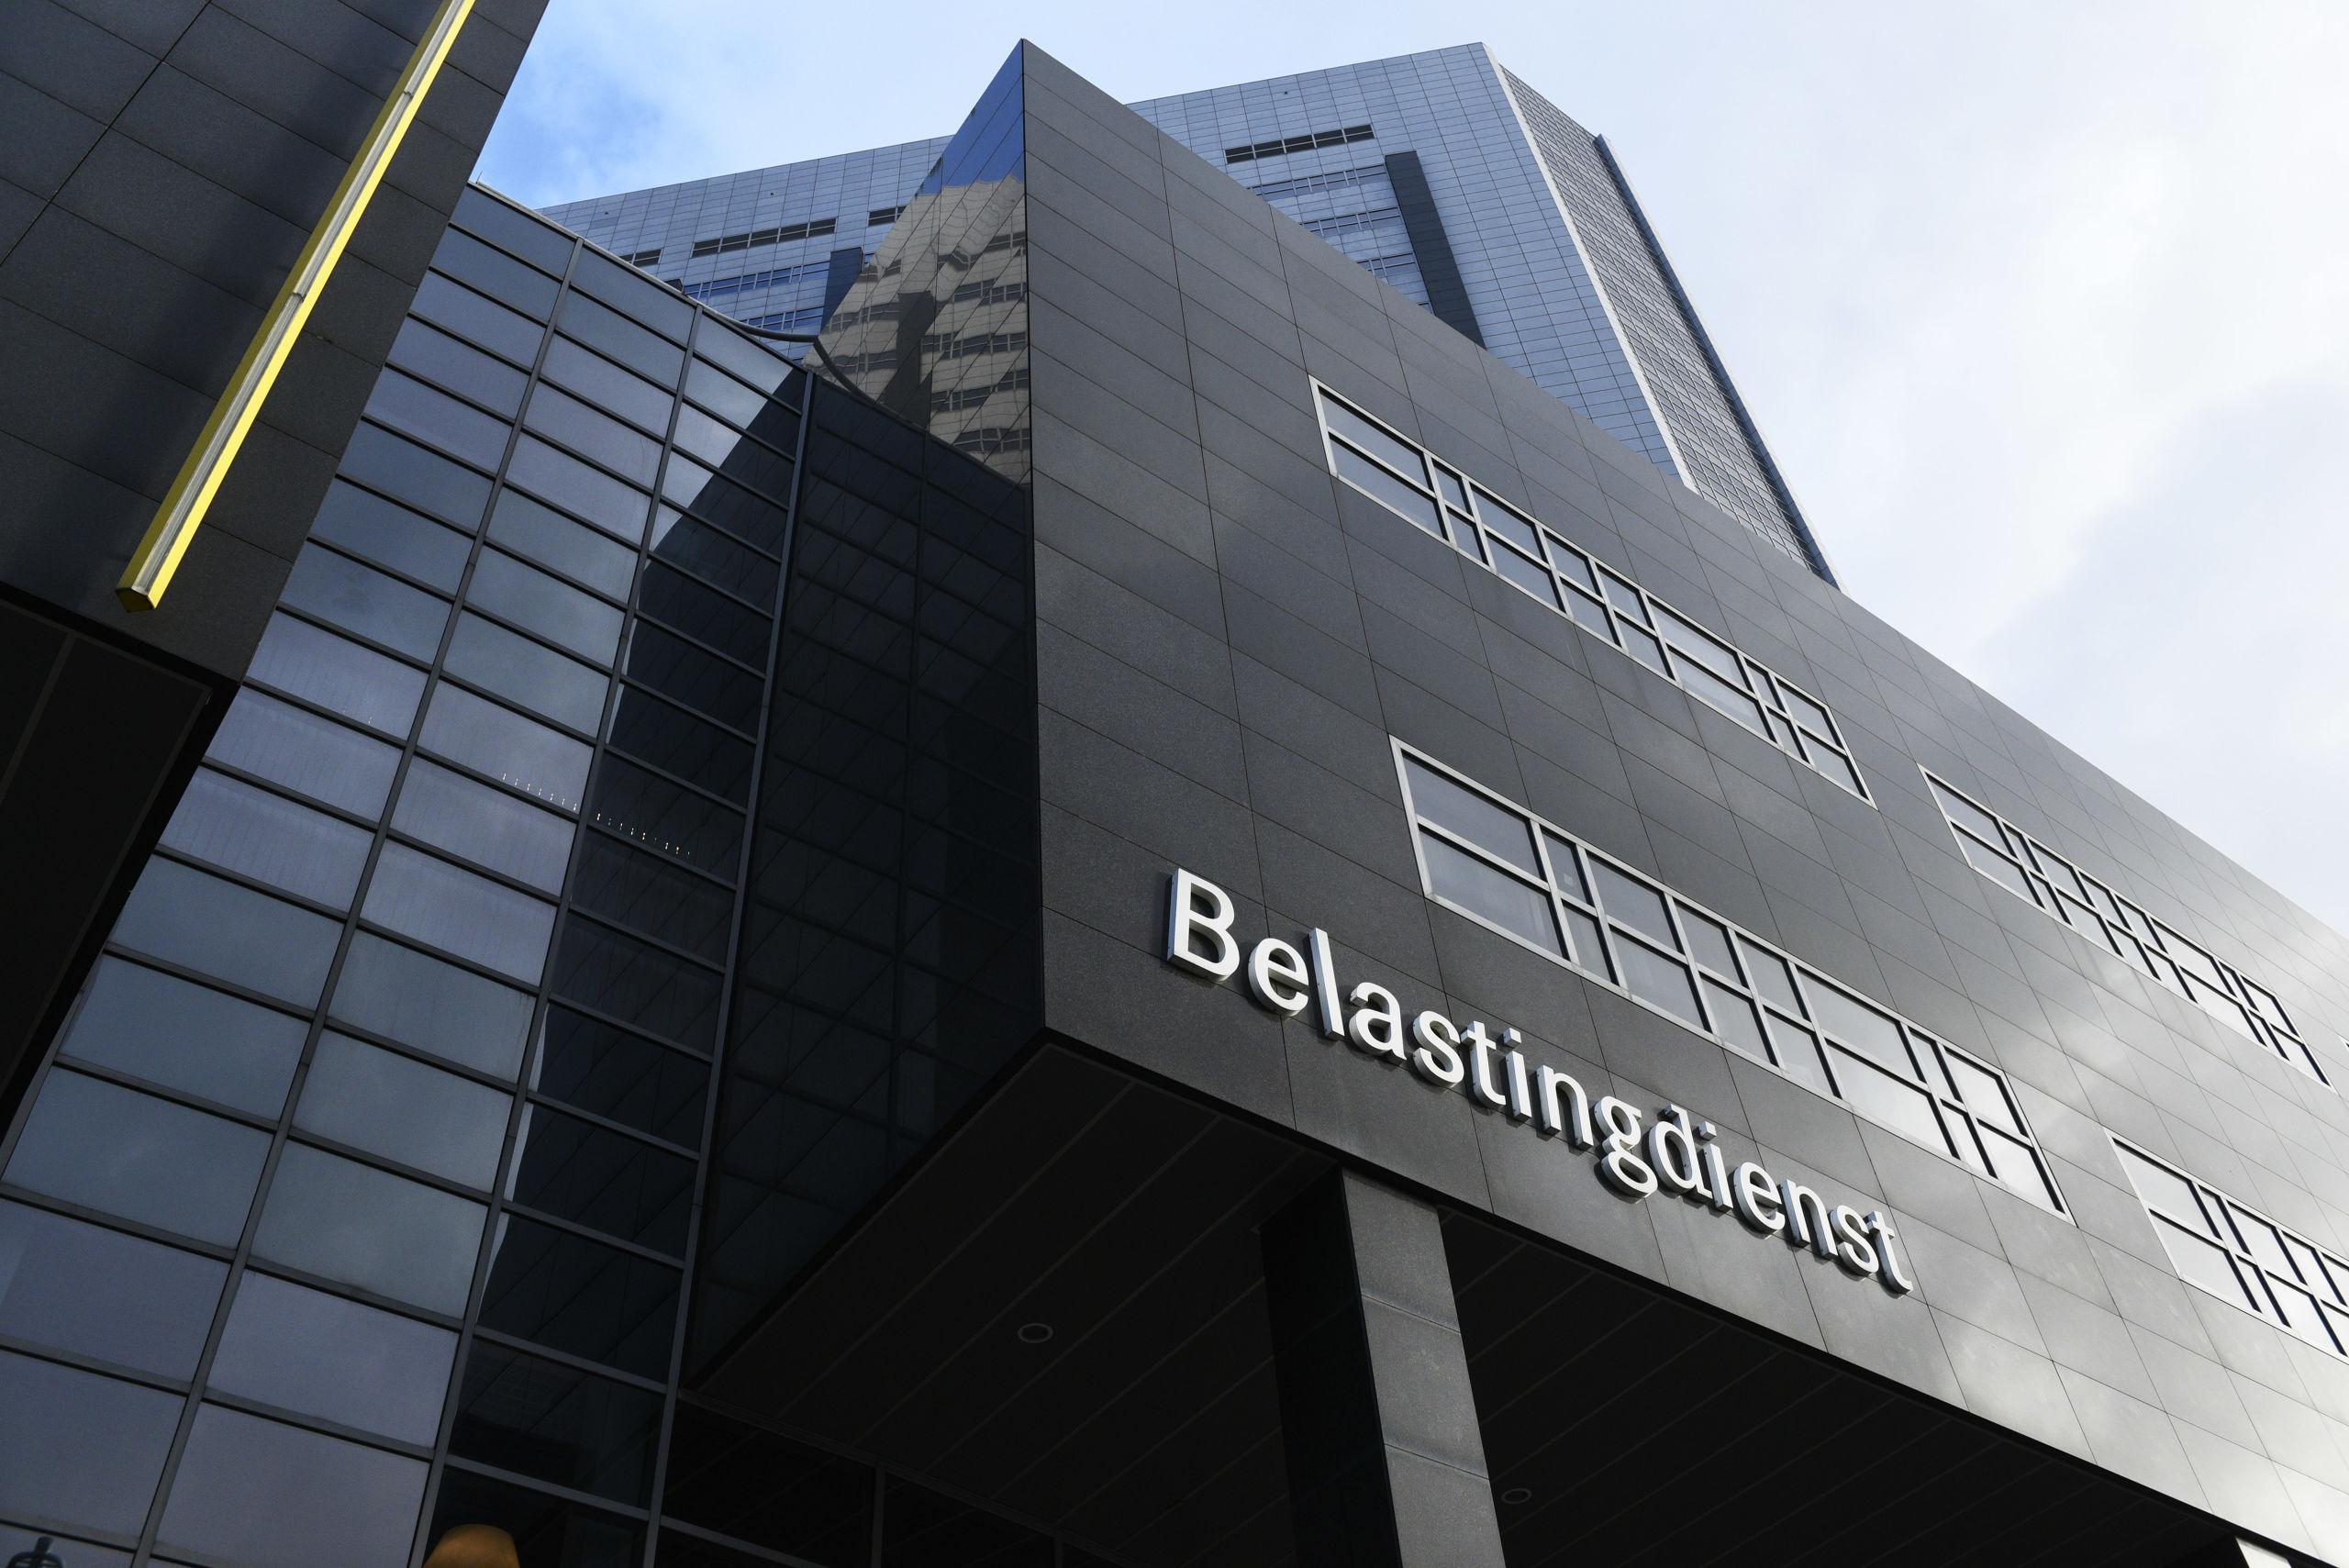 Belastingdienst Kantoor Amsterdam : Belastingdienst scheldt zichzelf vut boete van u ac mln kwijt